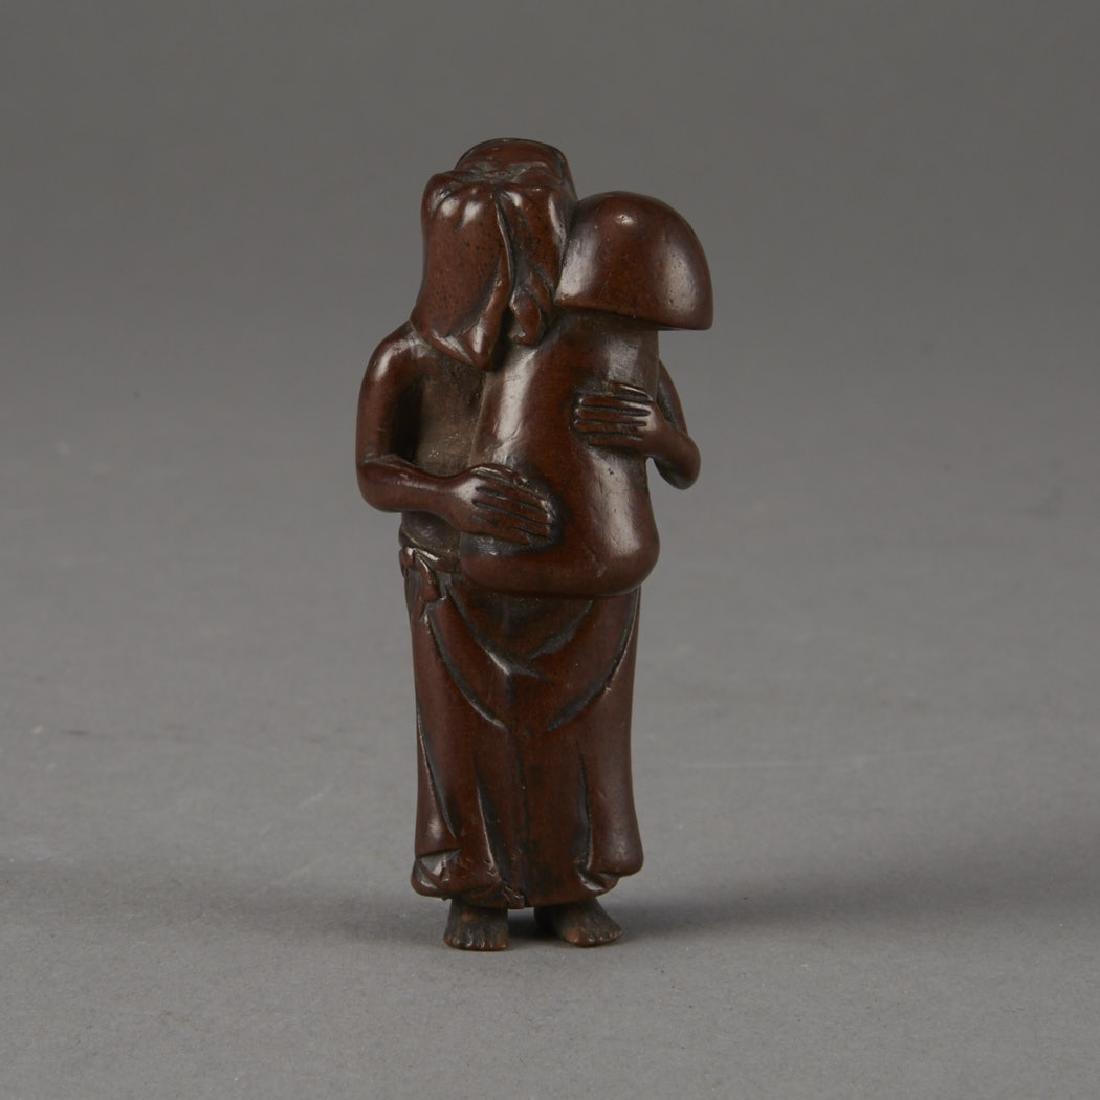 Japanese Edo Period Boxwood Netsuke of a Woman